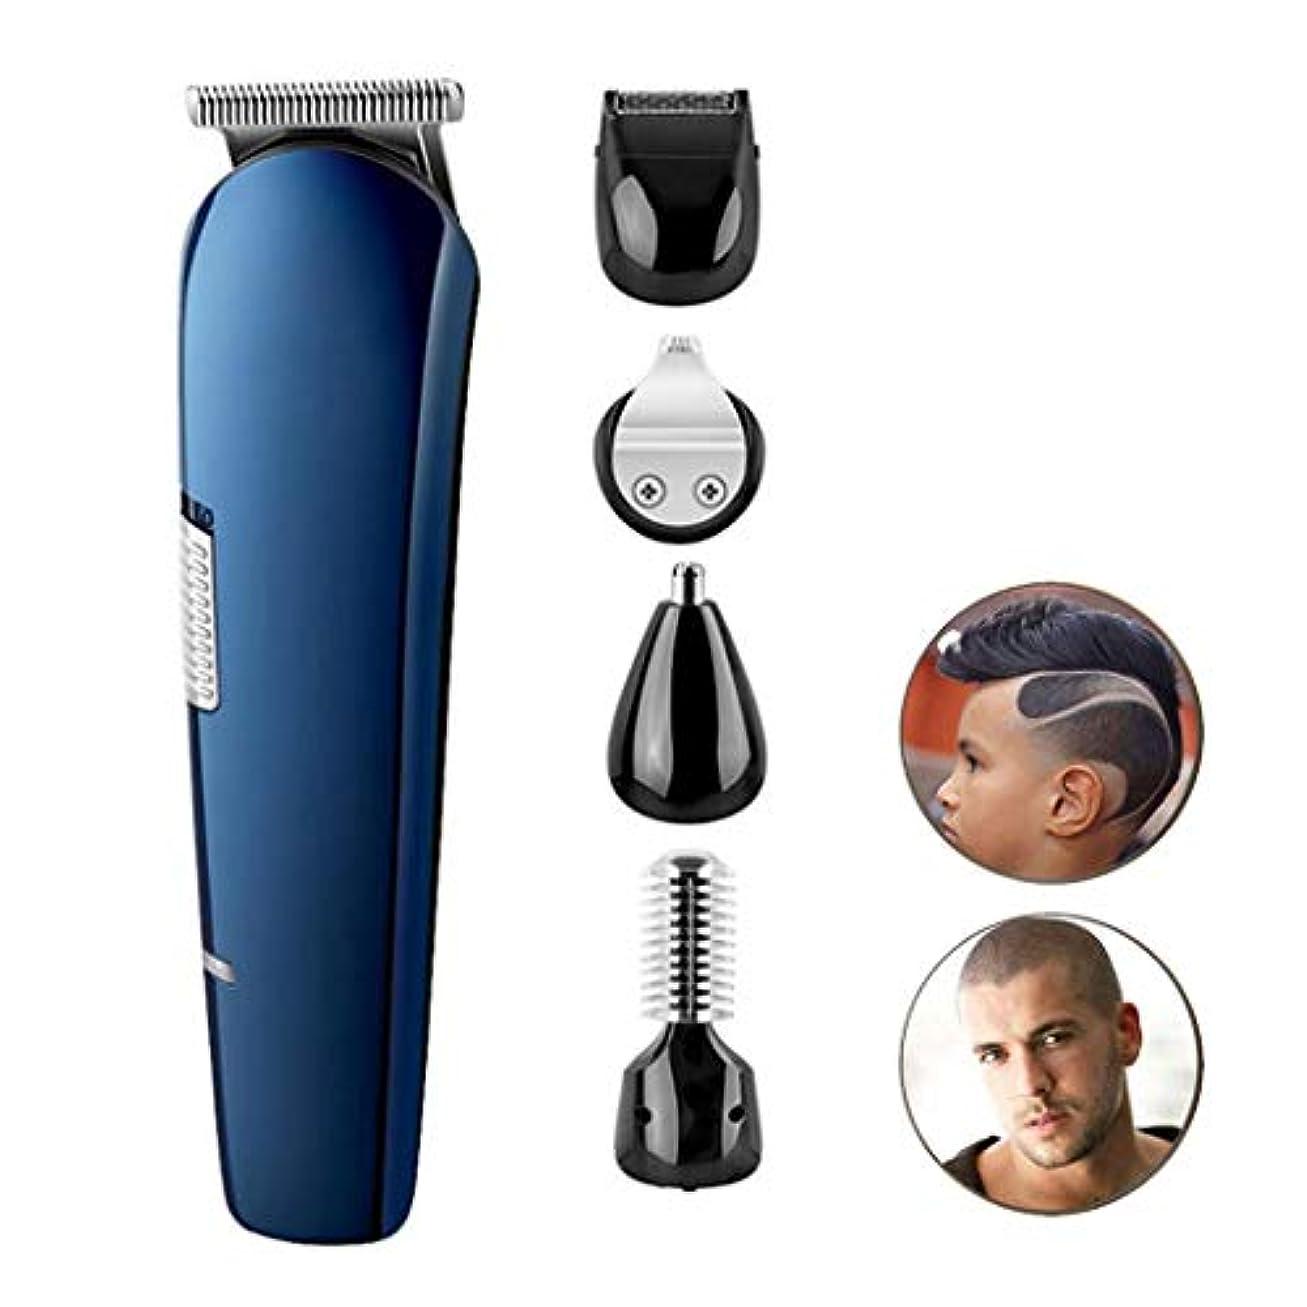 芽ハーネス橋バリカンクリップNのトリムの毛クリッパーメンズひげのトリマーコードレス再充電可能な専門の毛クリッパー